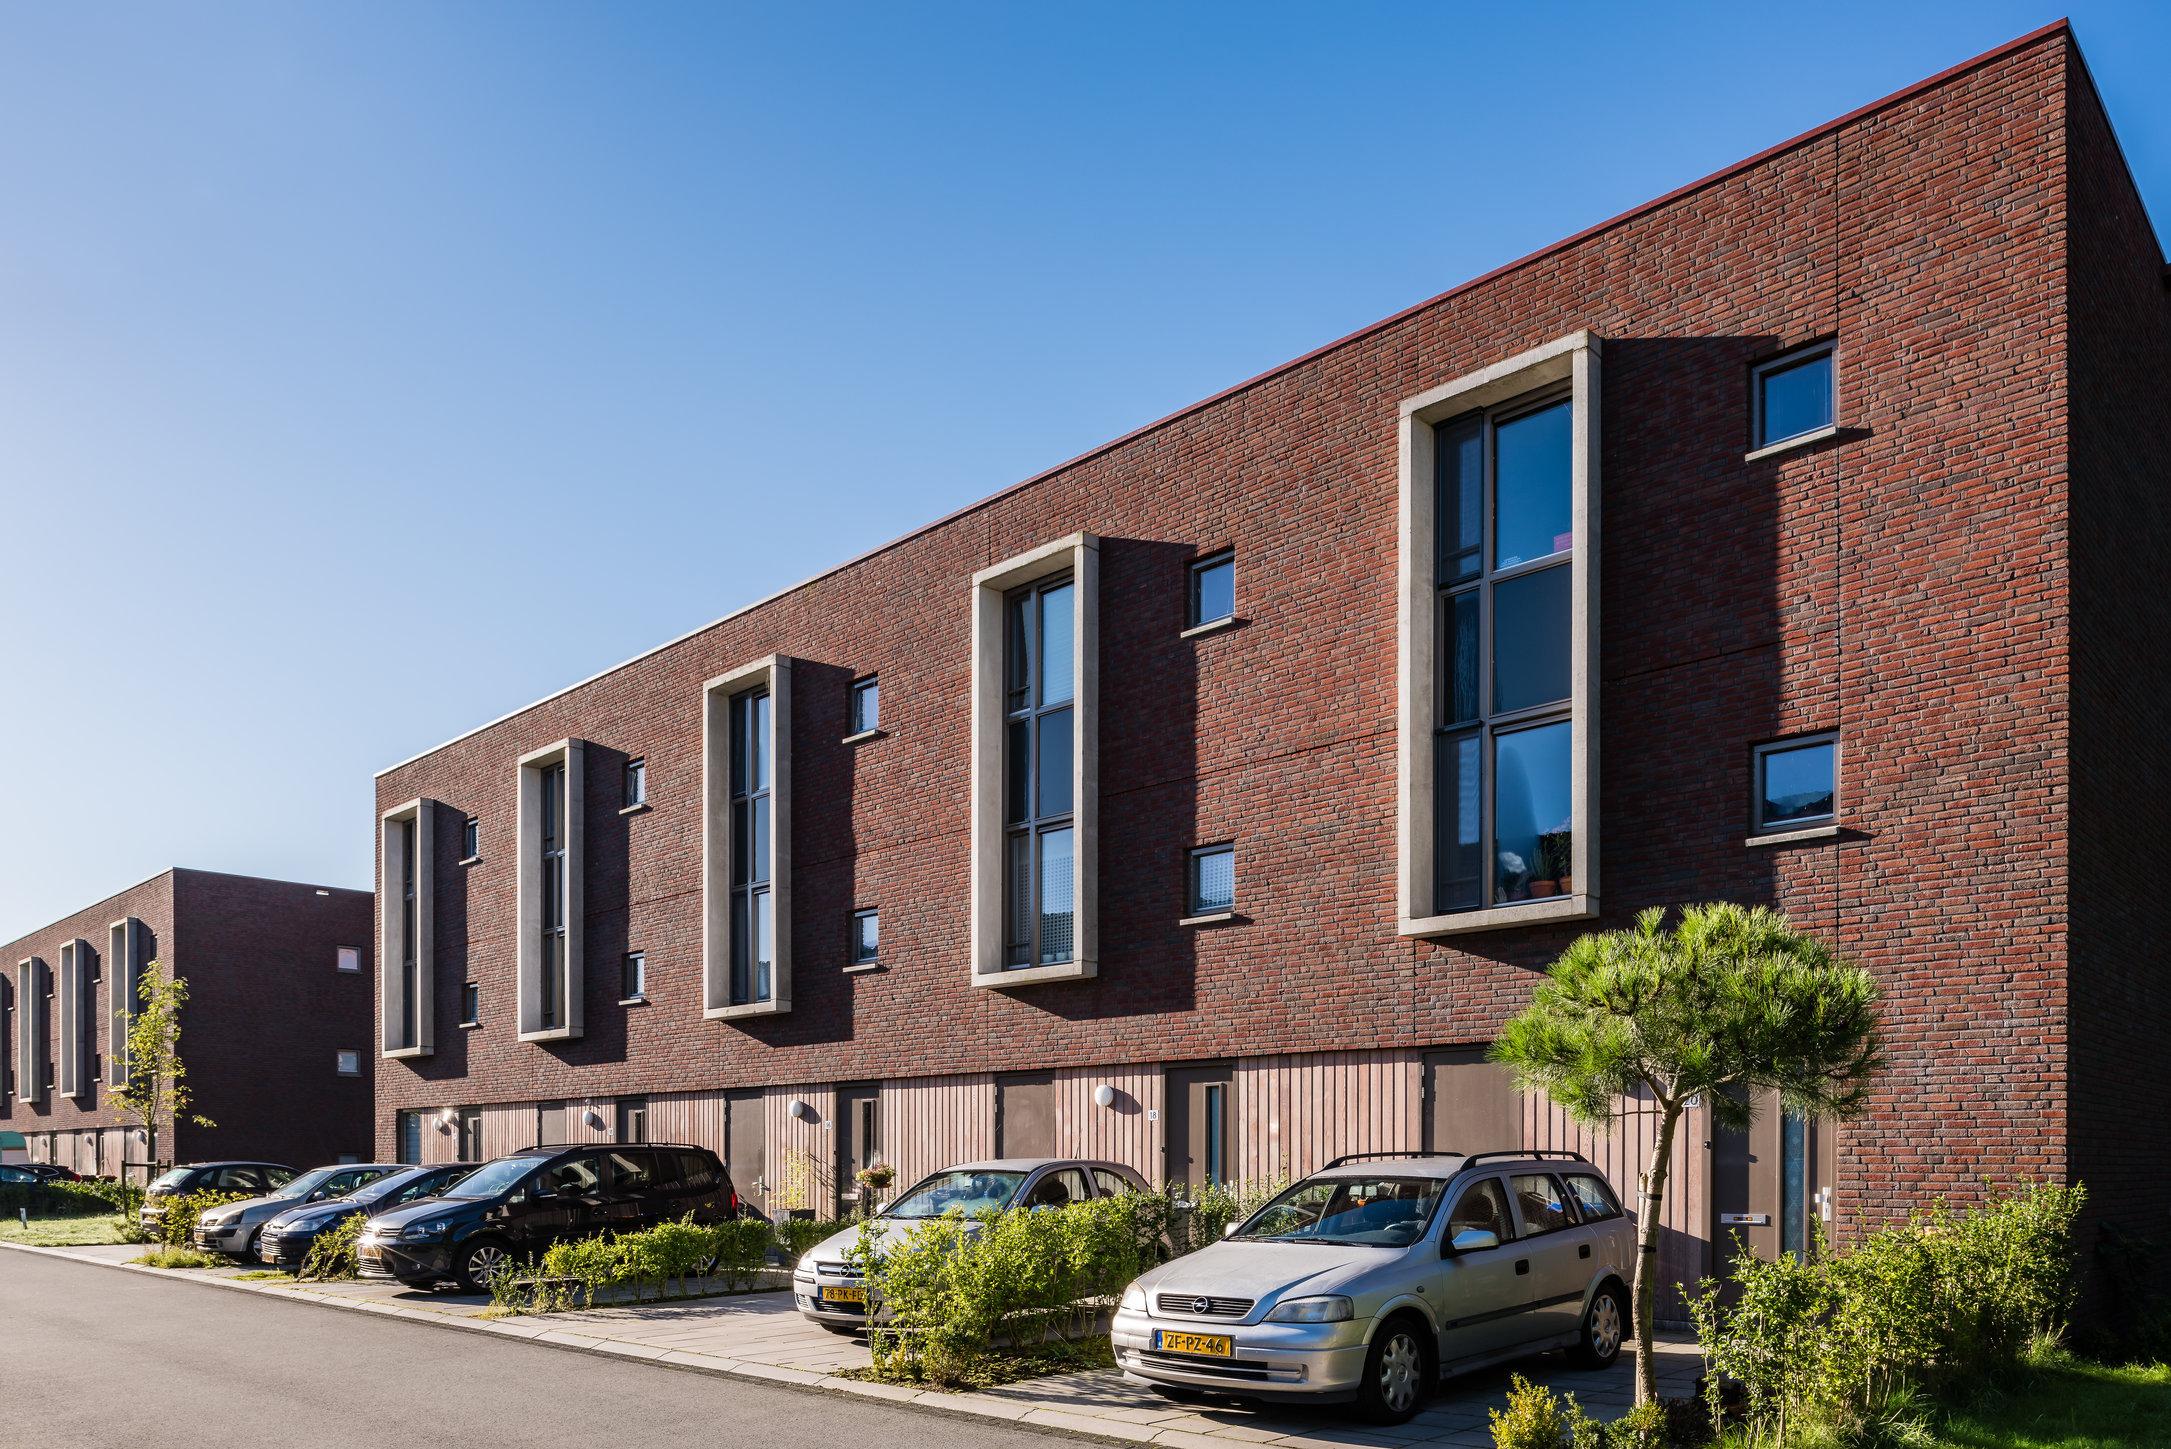 Wonen aan de Klop, Utrecht i.o.v. Janssen de Jong Projectontwikkeling